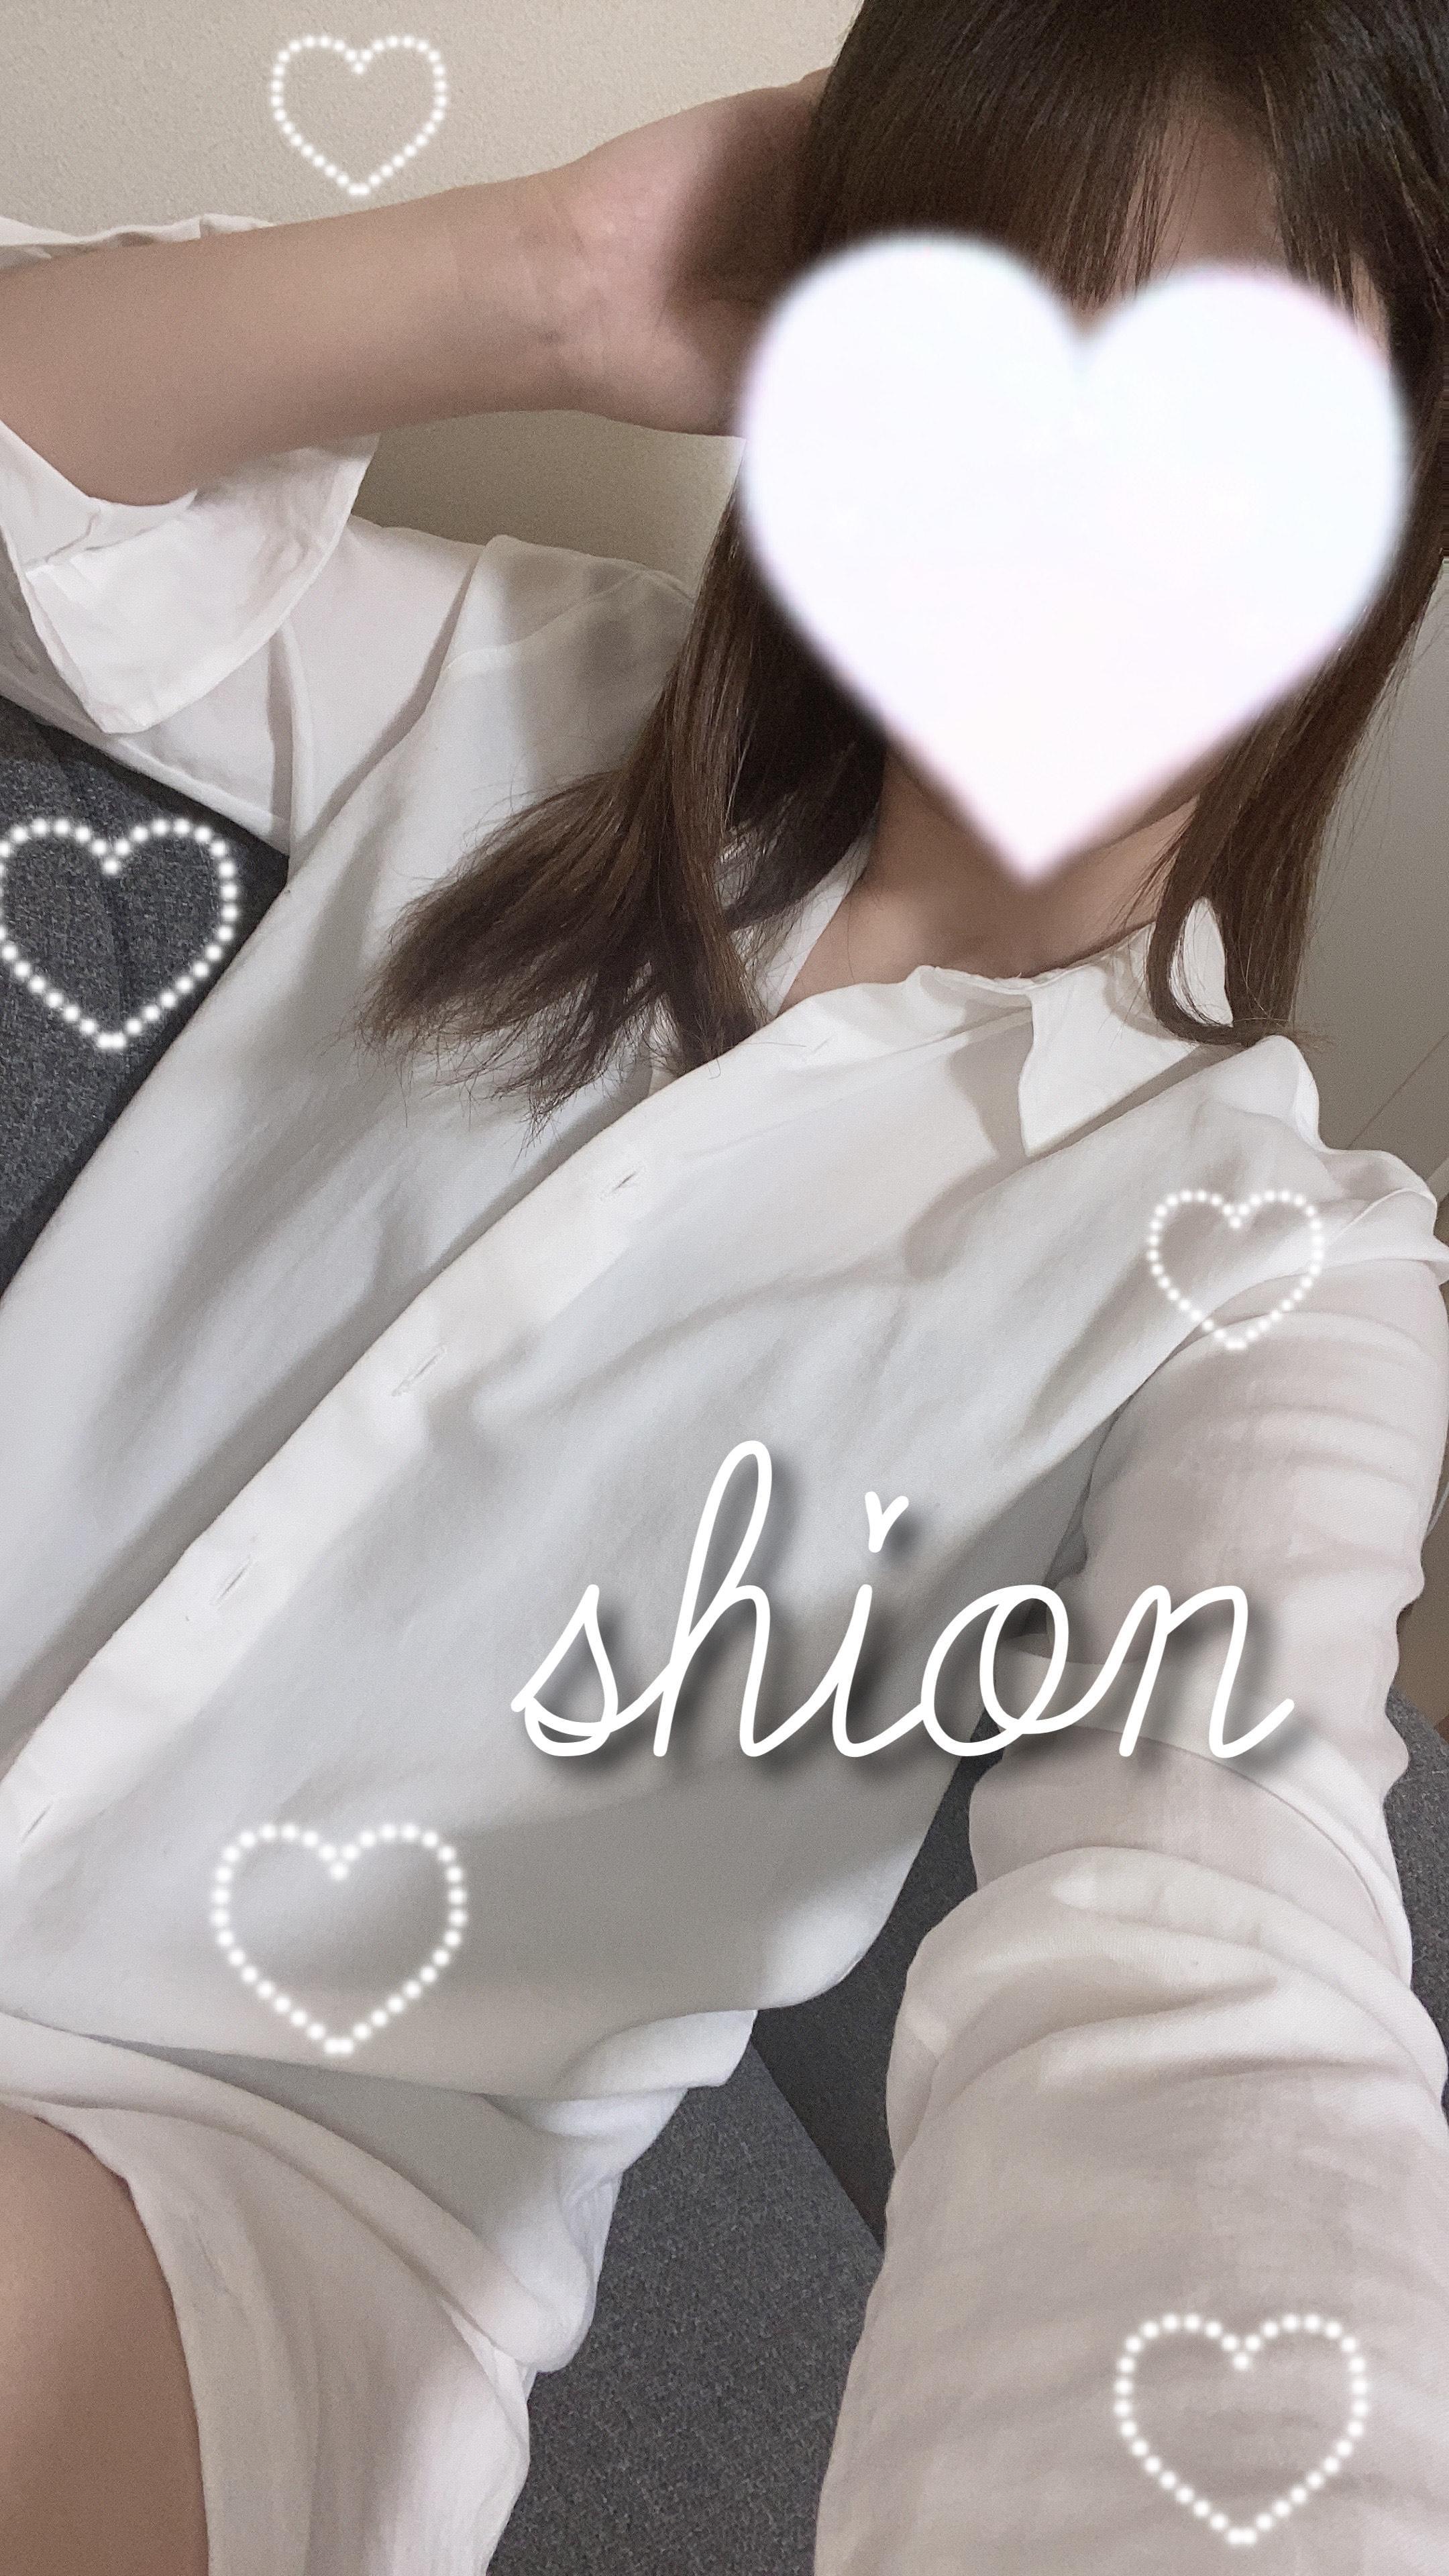 「出勤♡」05/27(05/27) 20:15 | 詩音(しおん)の写メ